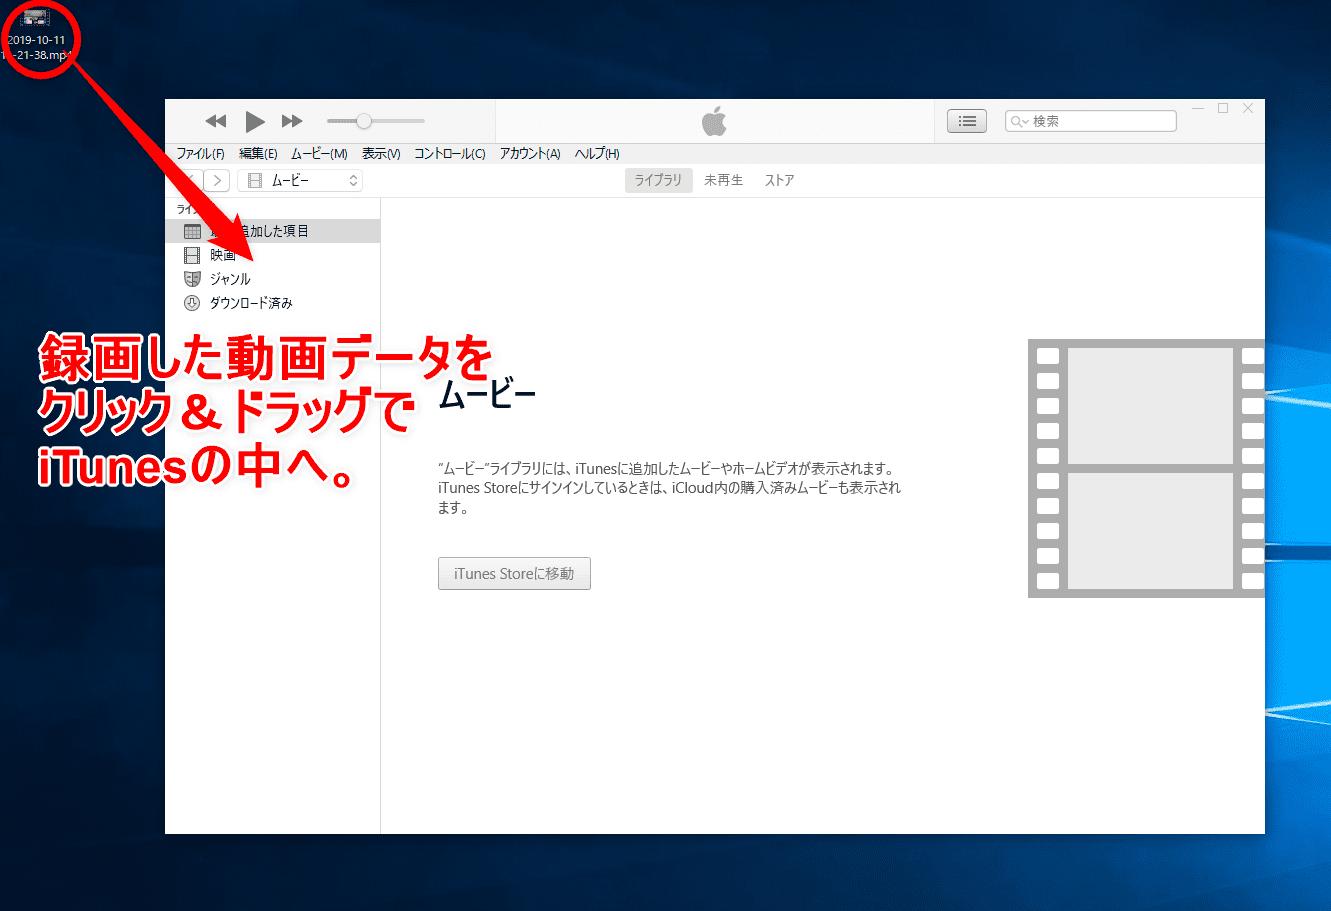 【動画配信サービス(VOD)の録画方法】アプリ内ダウンロードと違って視聴無期限!VOD配信動画を録画する方法|そこにiPhoneに入れたい録画した動画データをクリック&ドラッグでiTunesに登録します。